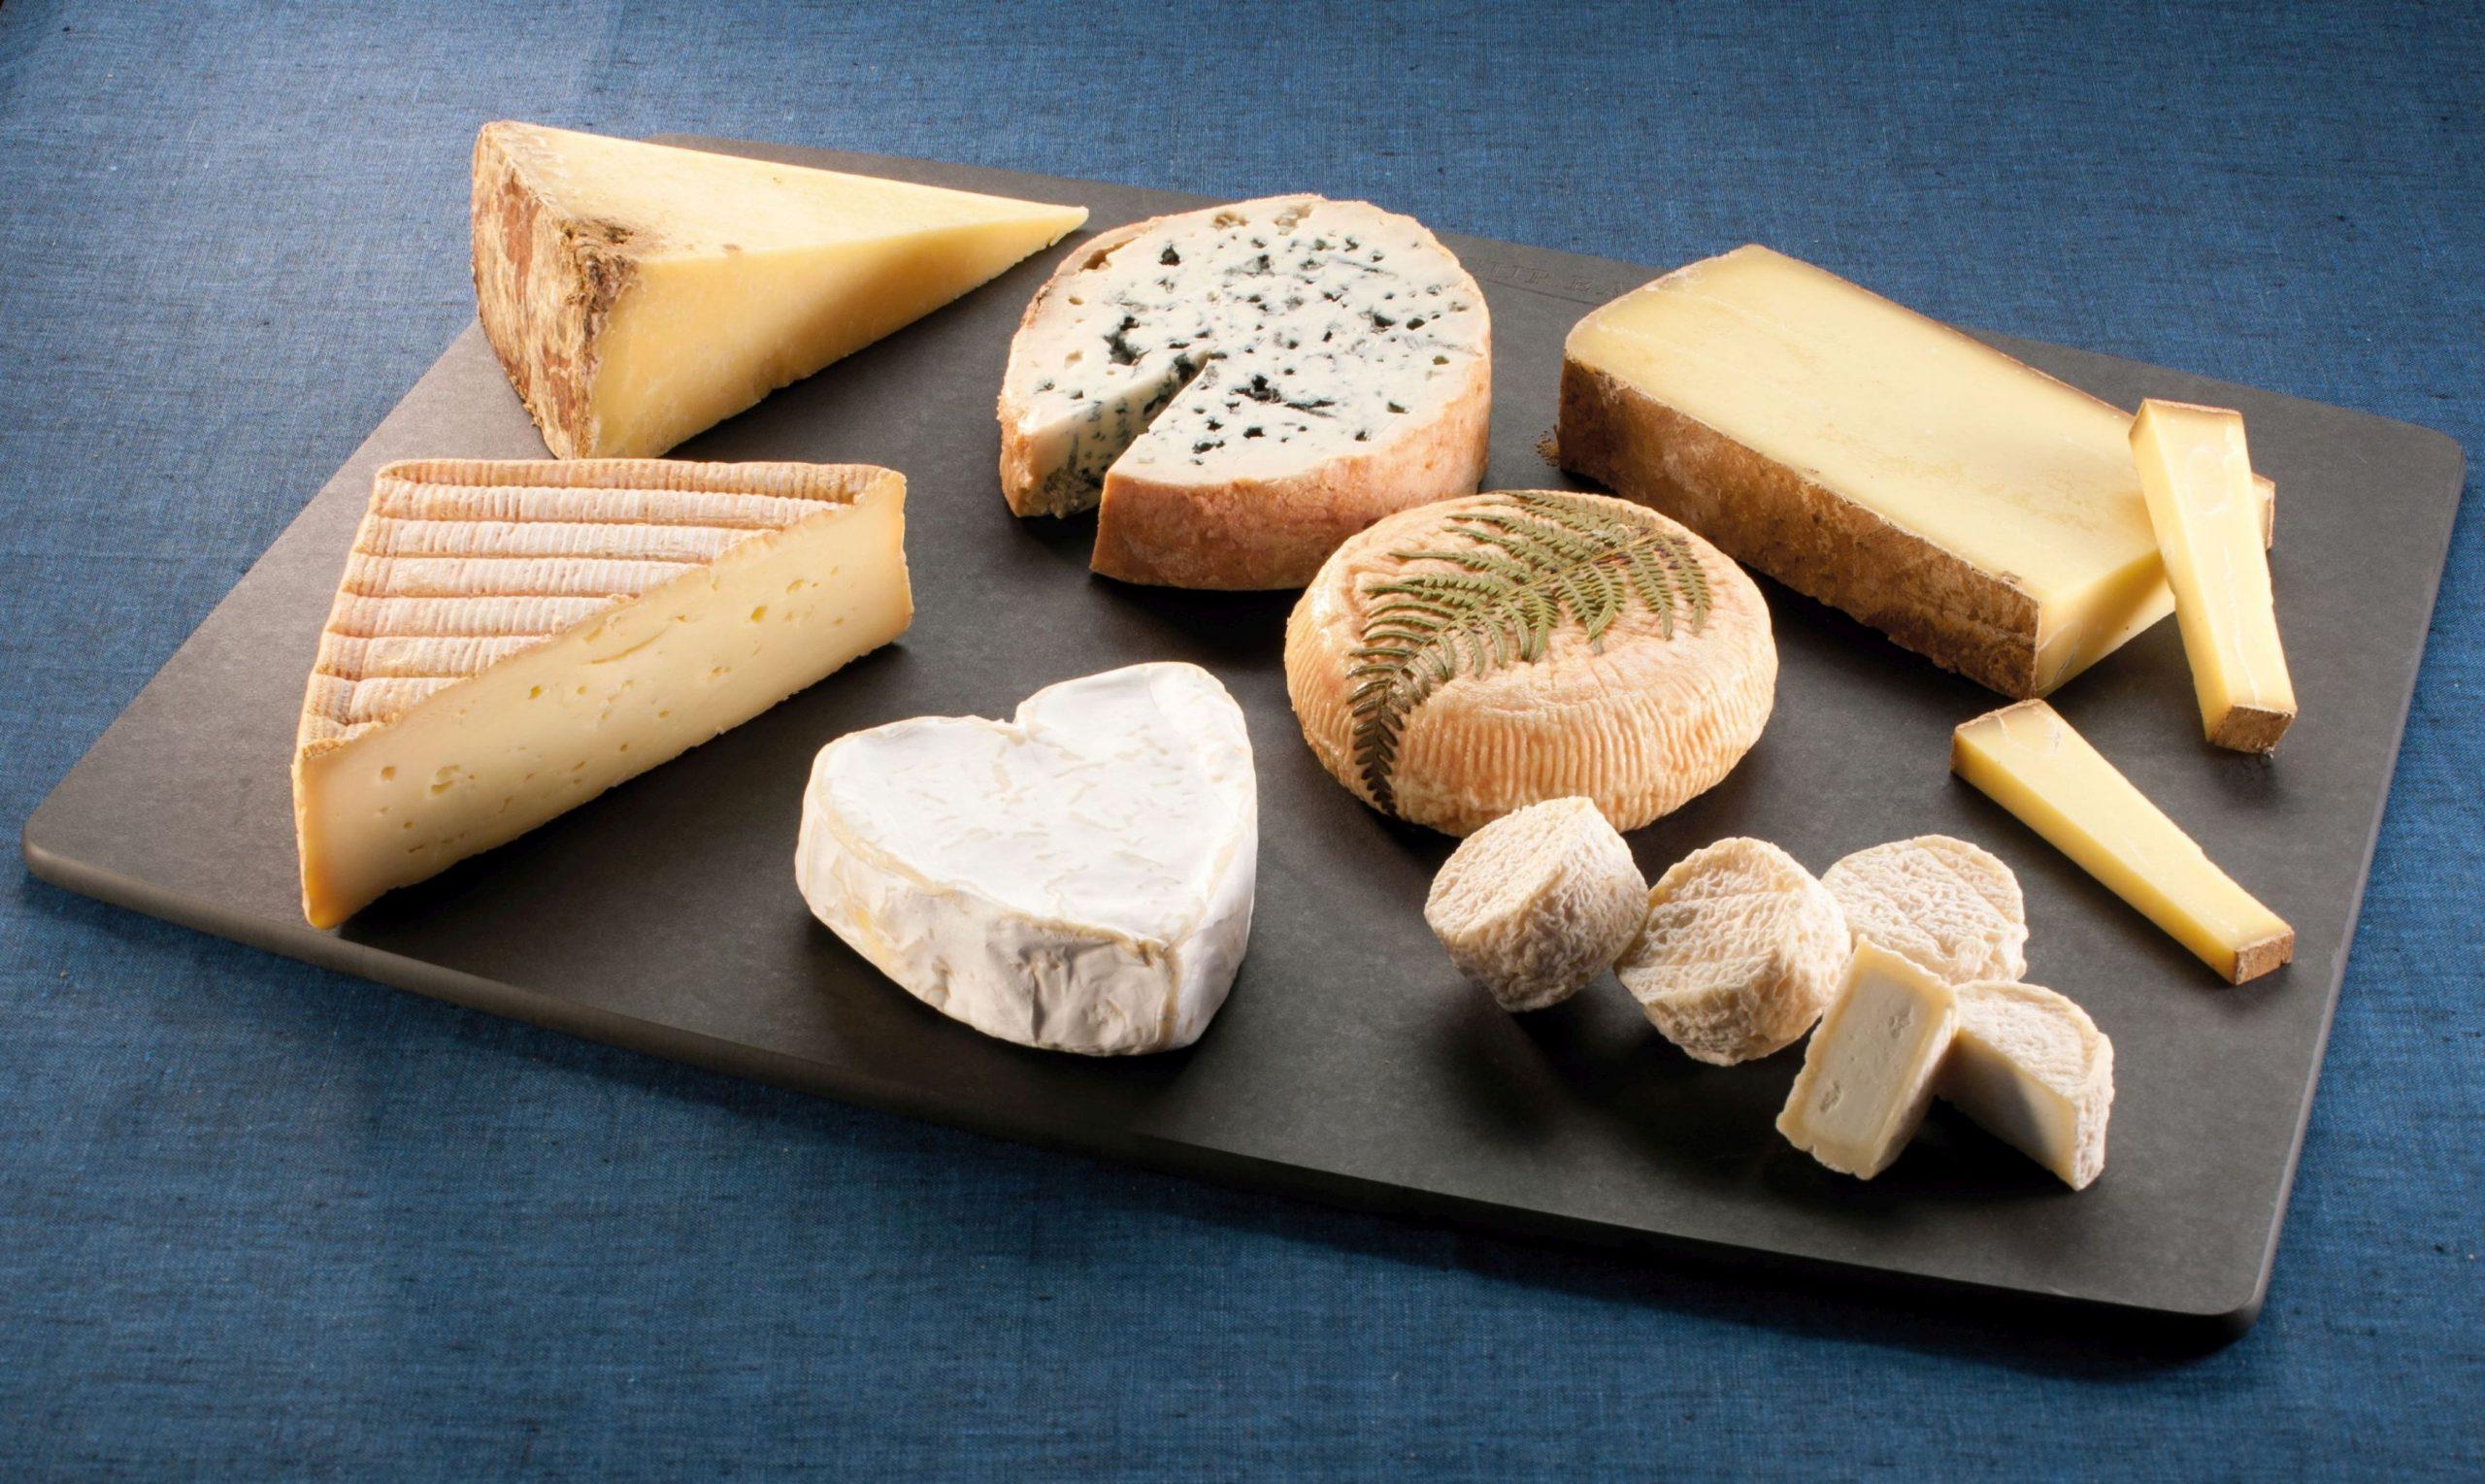 法國芝士分類當中包括新鮮芝士(Fresh Cheese)、柔皮白芝士(Soft Cheese with White Rind)、柔皮洗浸芝士(Soft Cheese with Washed Rind)、藍芝士(Blue Cheese)、半硬質芝士(Semi-Hard Cheese)、硬質芝士(Hard Cheese)、山羊芝士(Goat Cheese)及加工芝士(Processed Cheese)。